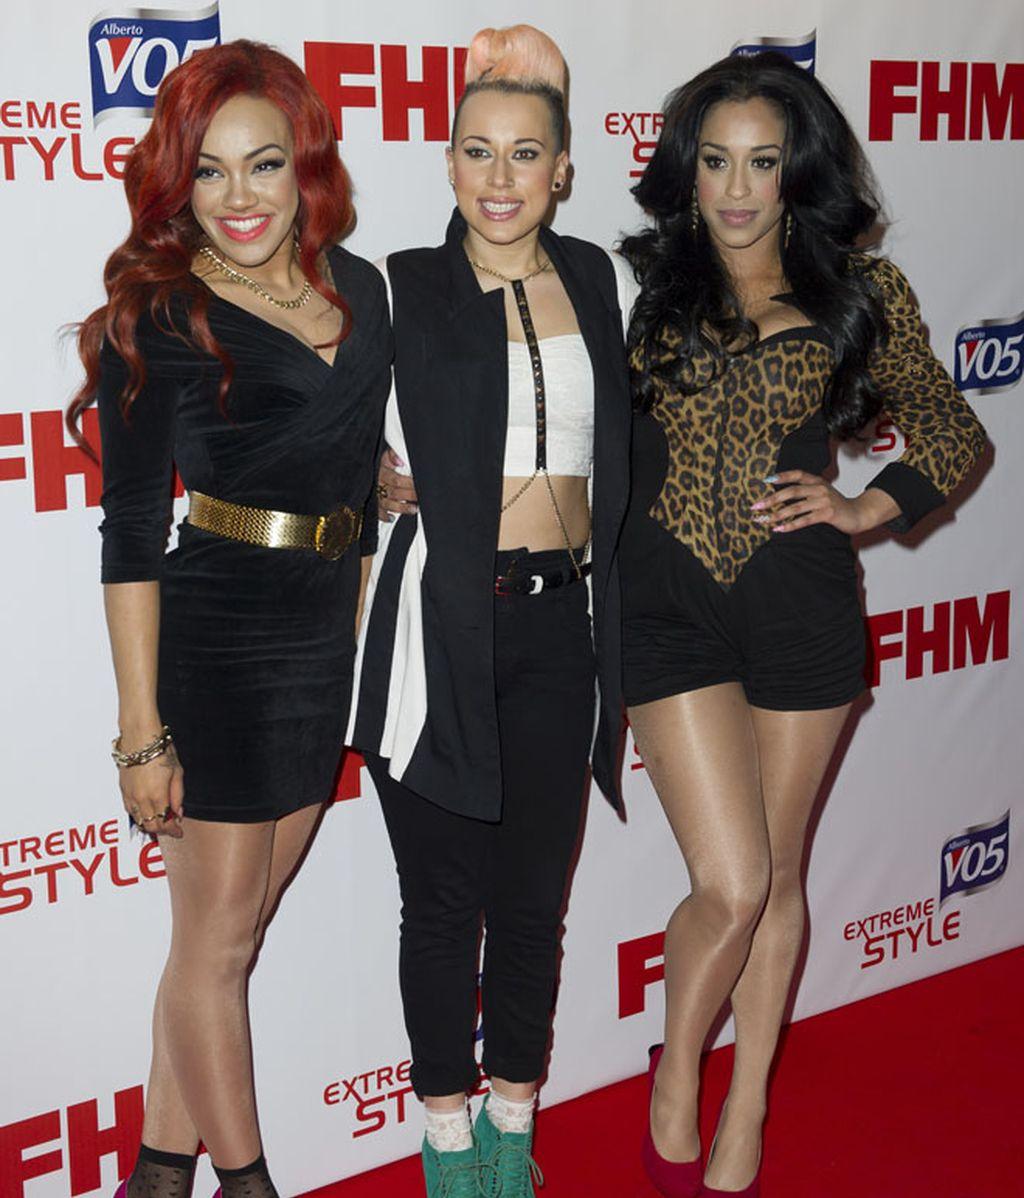 Las mujeres más sexies, según FHM, juntas de fiesta